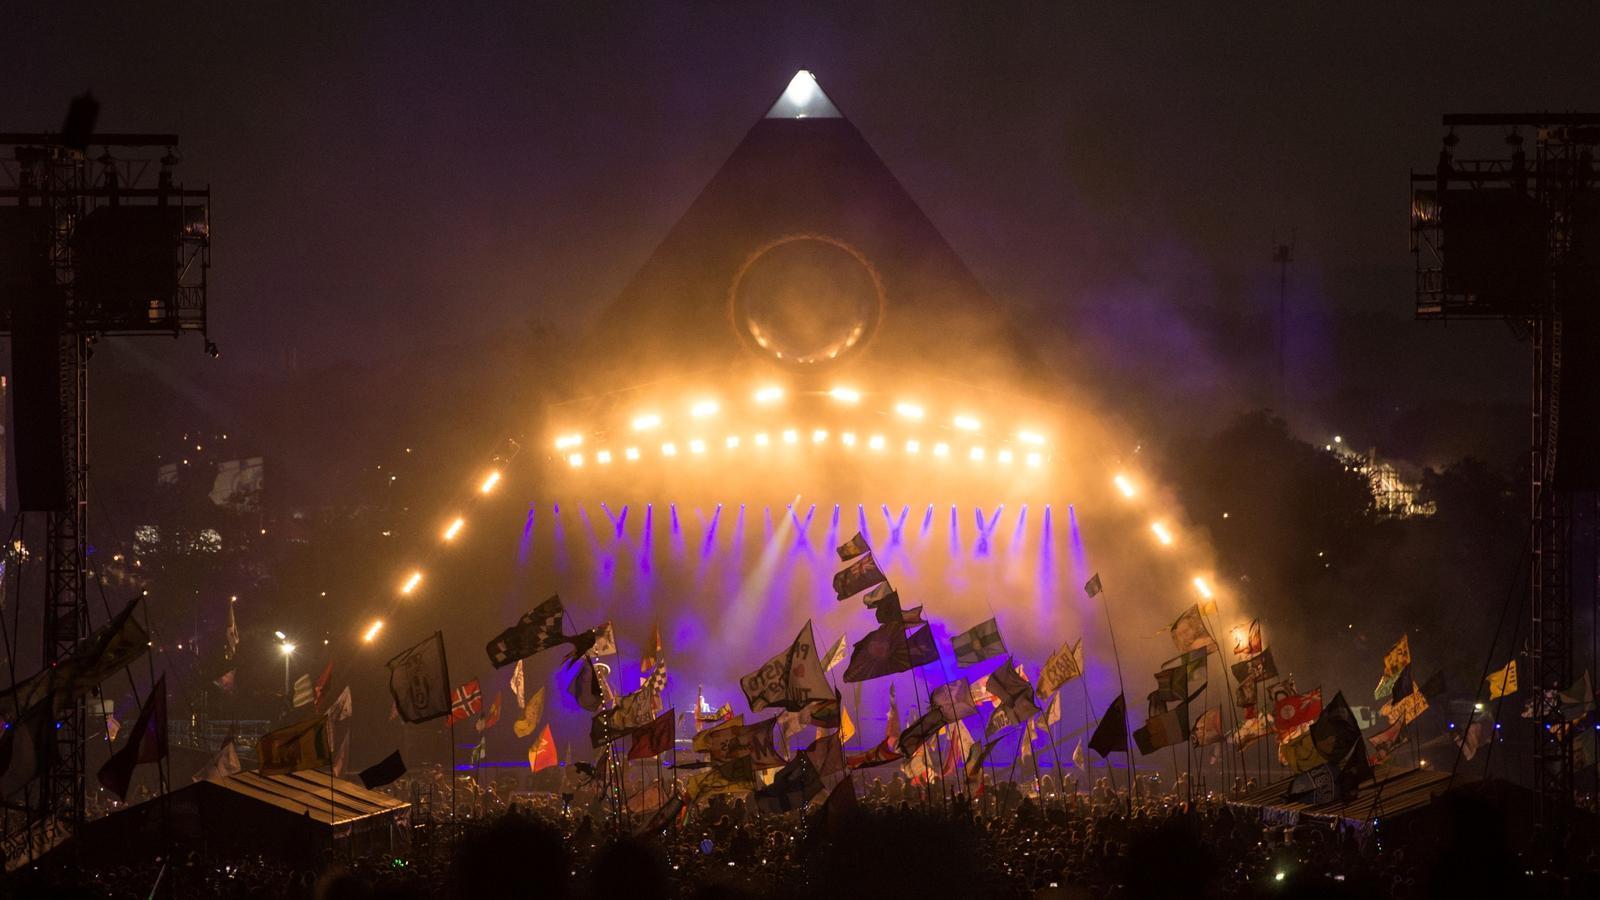 L'escenari principal del Festival de Glastonbury durant l'actuació de The Killers l'any 2019.